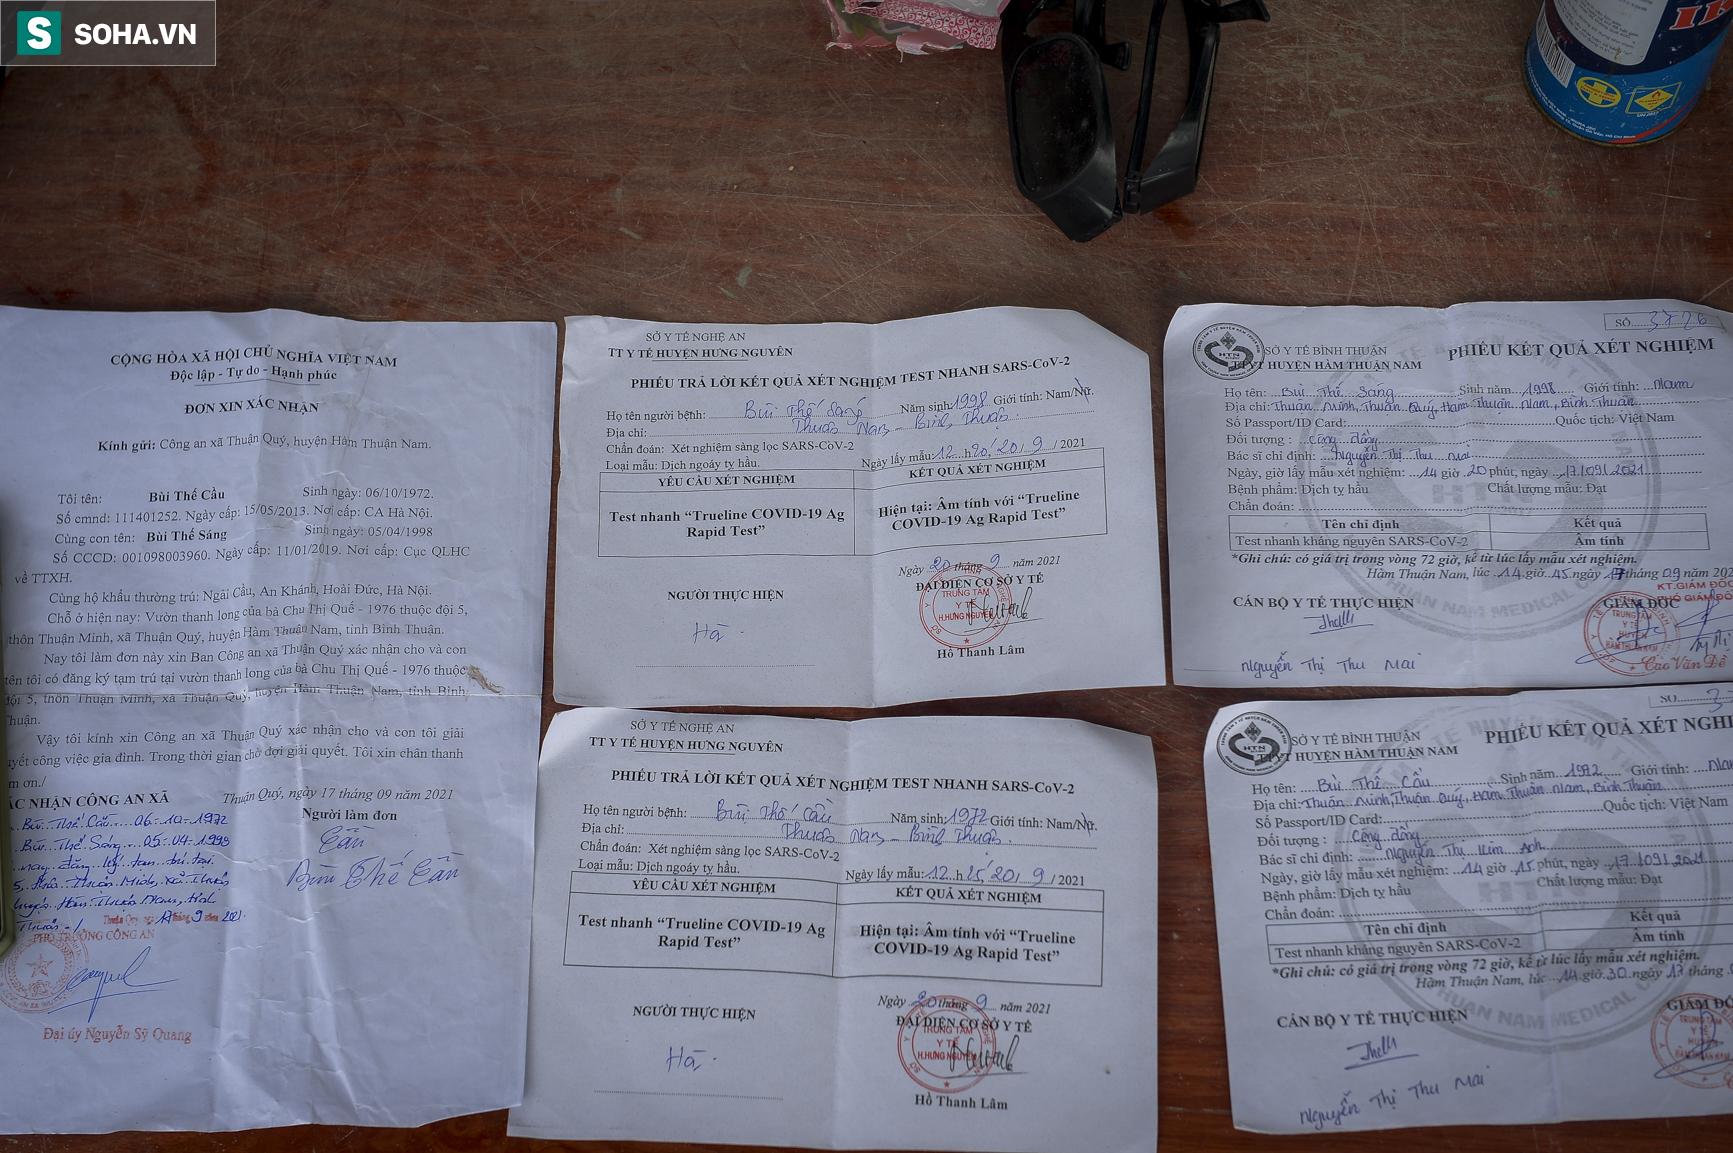 Đi xe máy hơn 1.500km ra Hà Nội, 2 bố con ăn ngủ tại chốt Cầu Giẽ chờ người đưa đi cách ly - Ảnh 11.